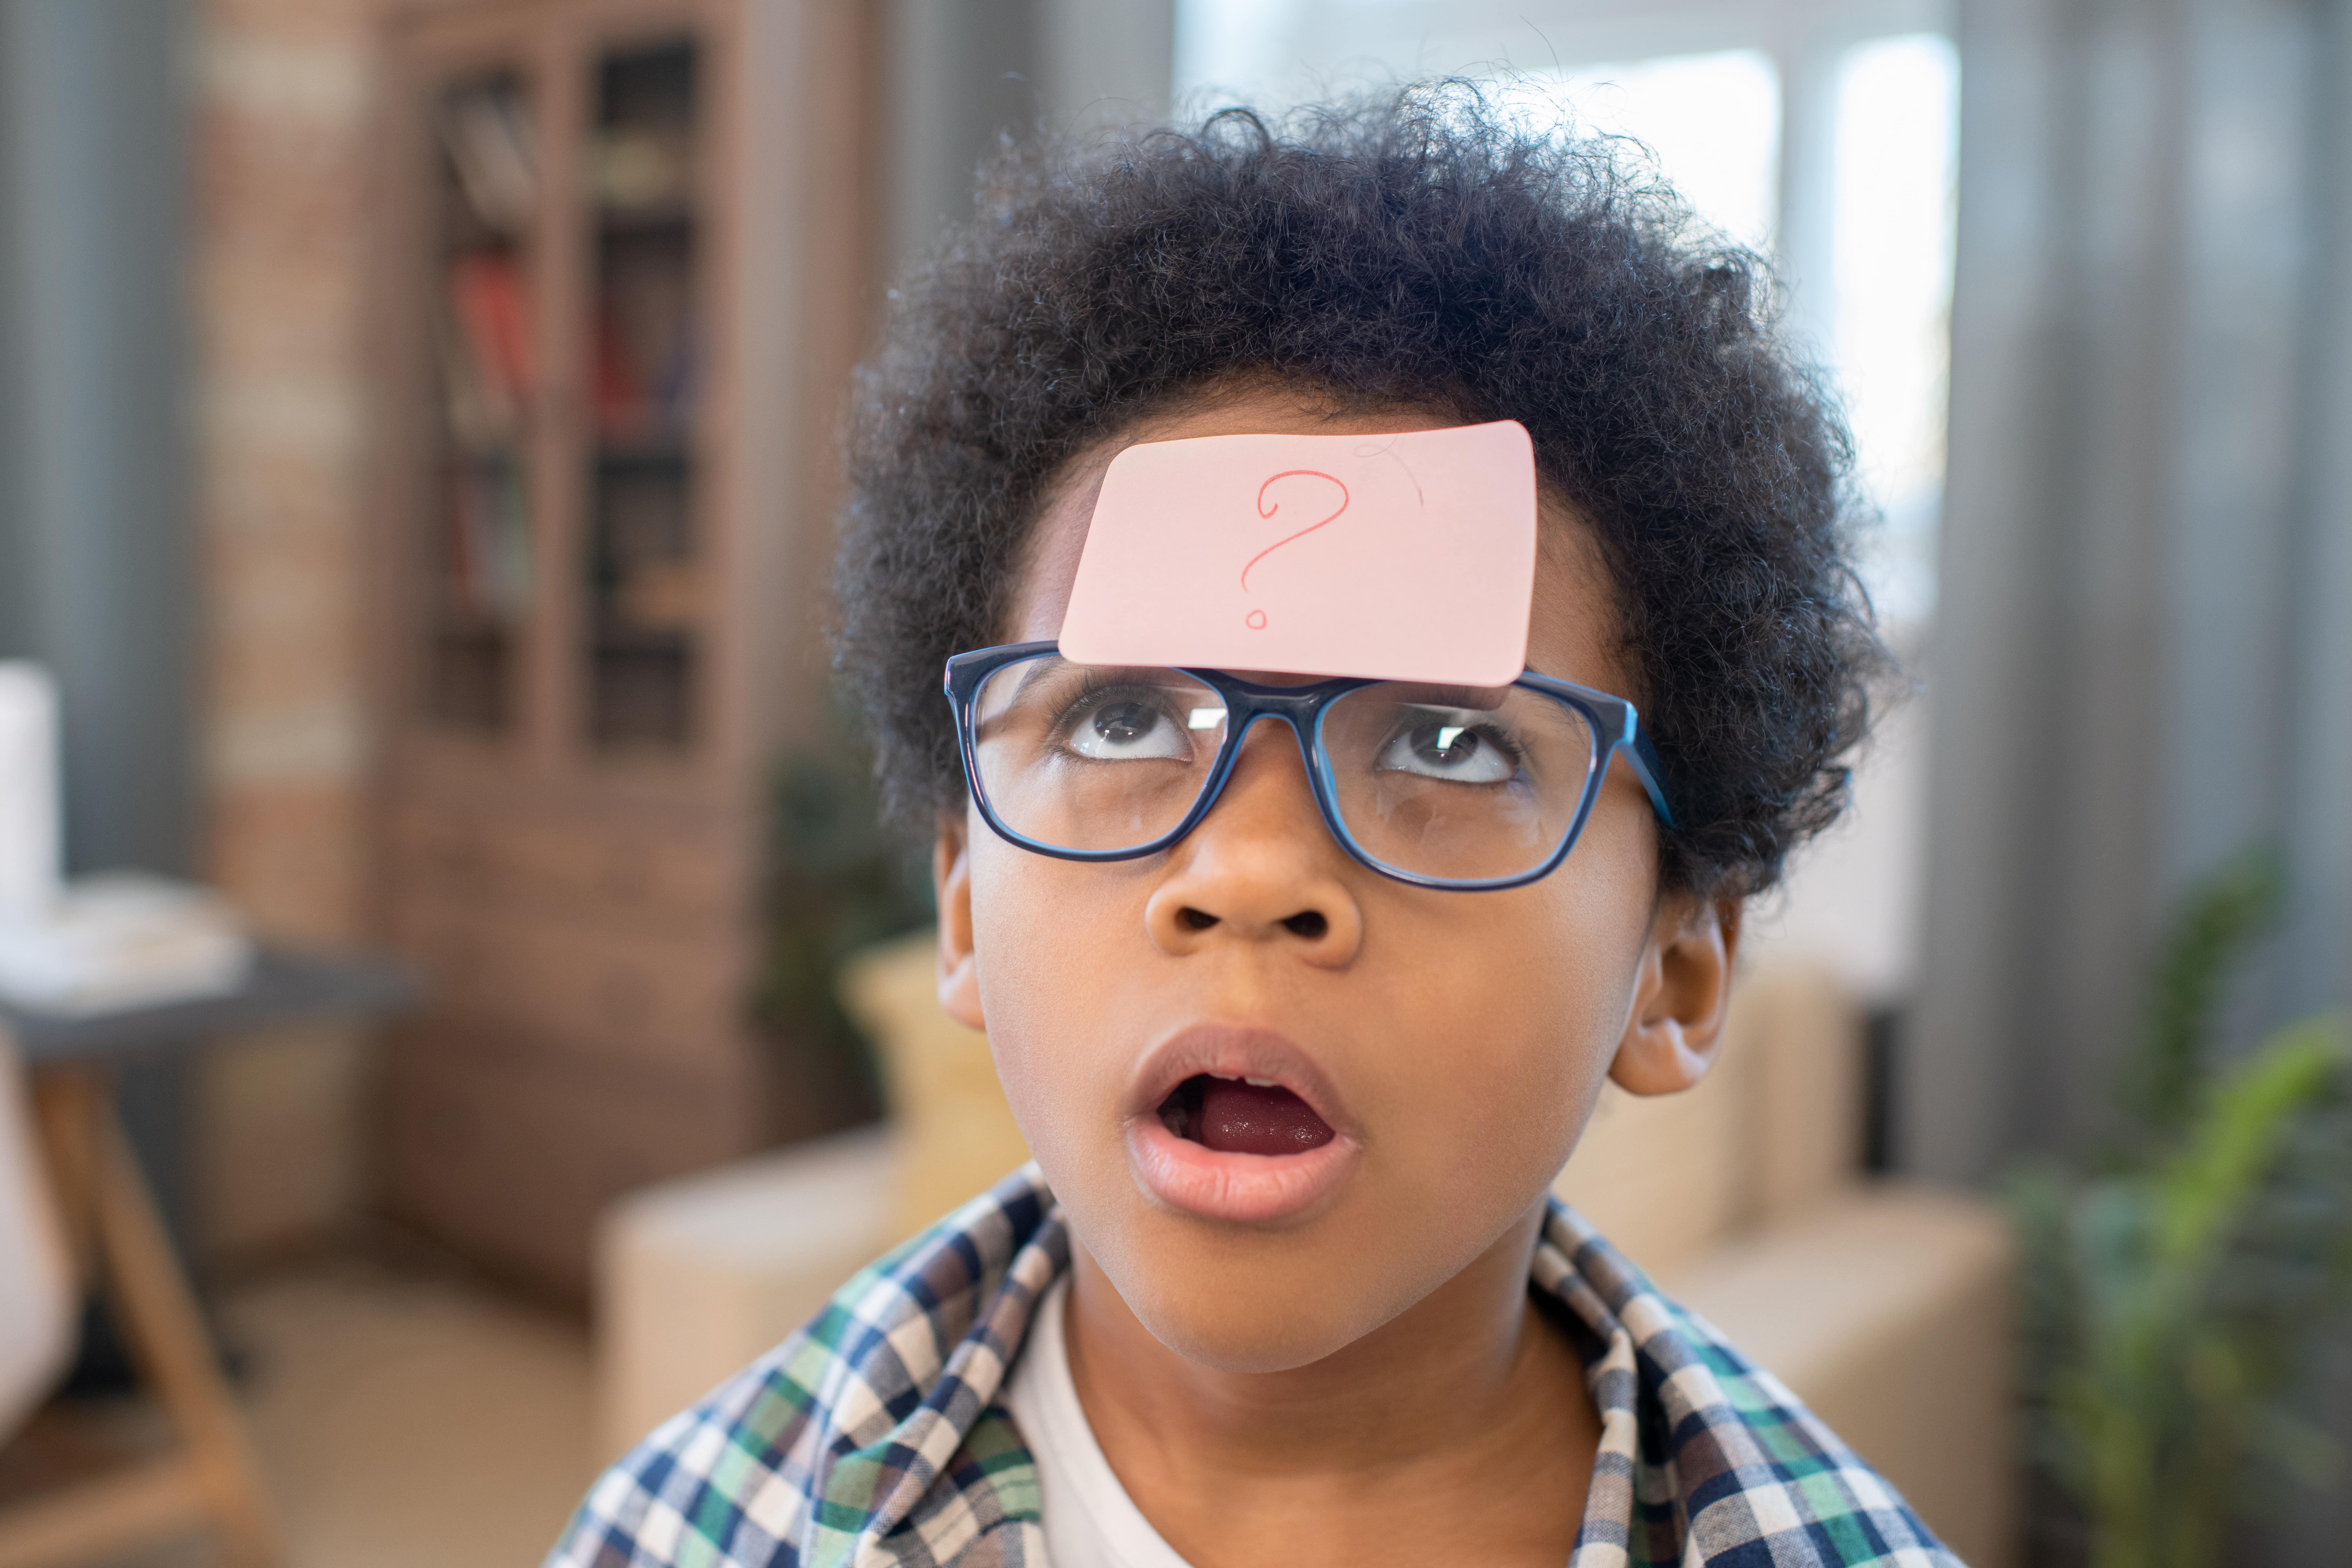 Niño con interrogante en la frente en la etapa de las preguntas